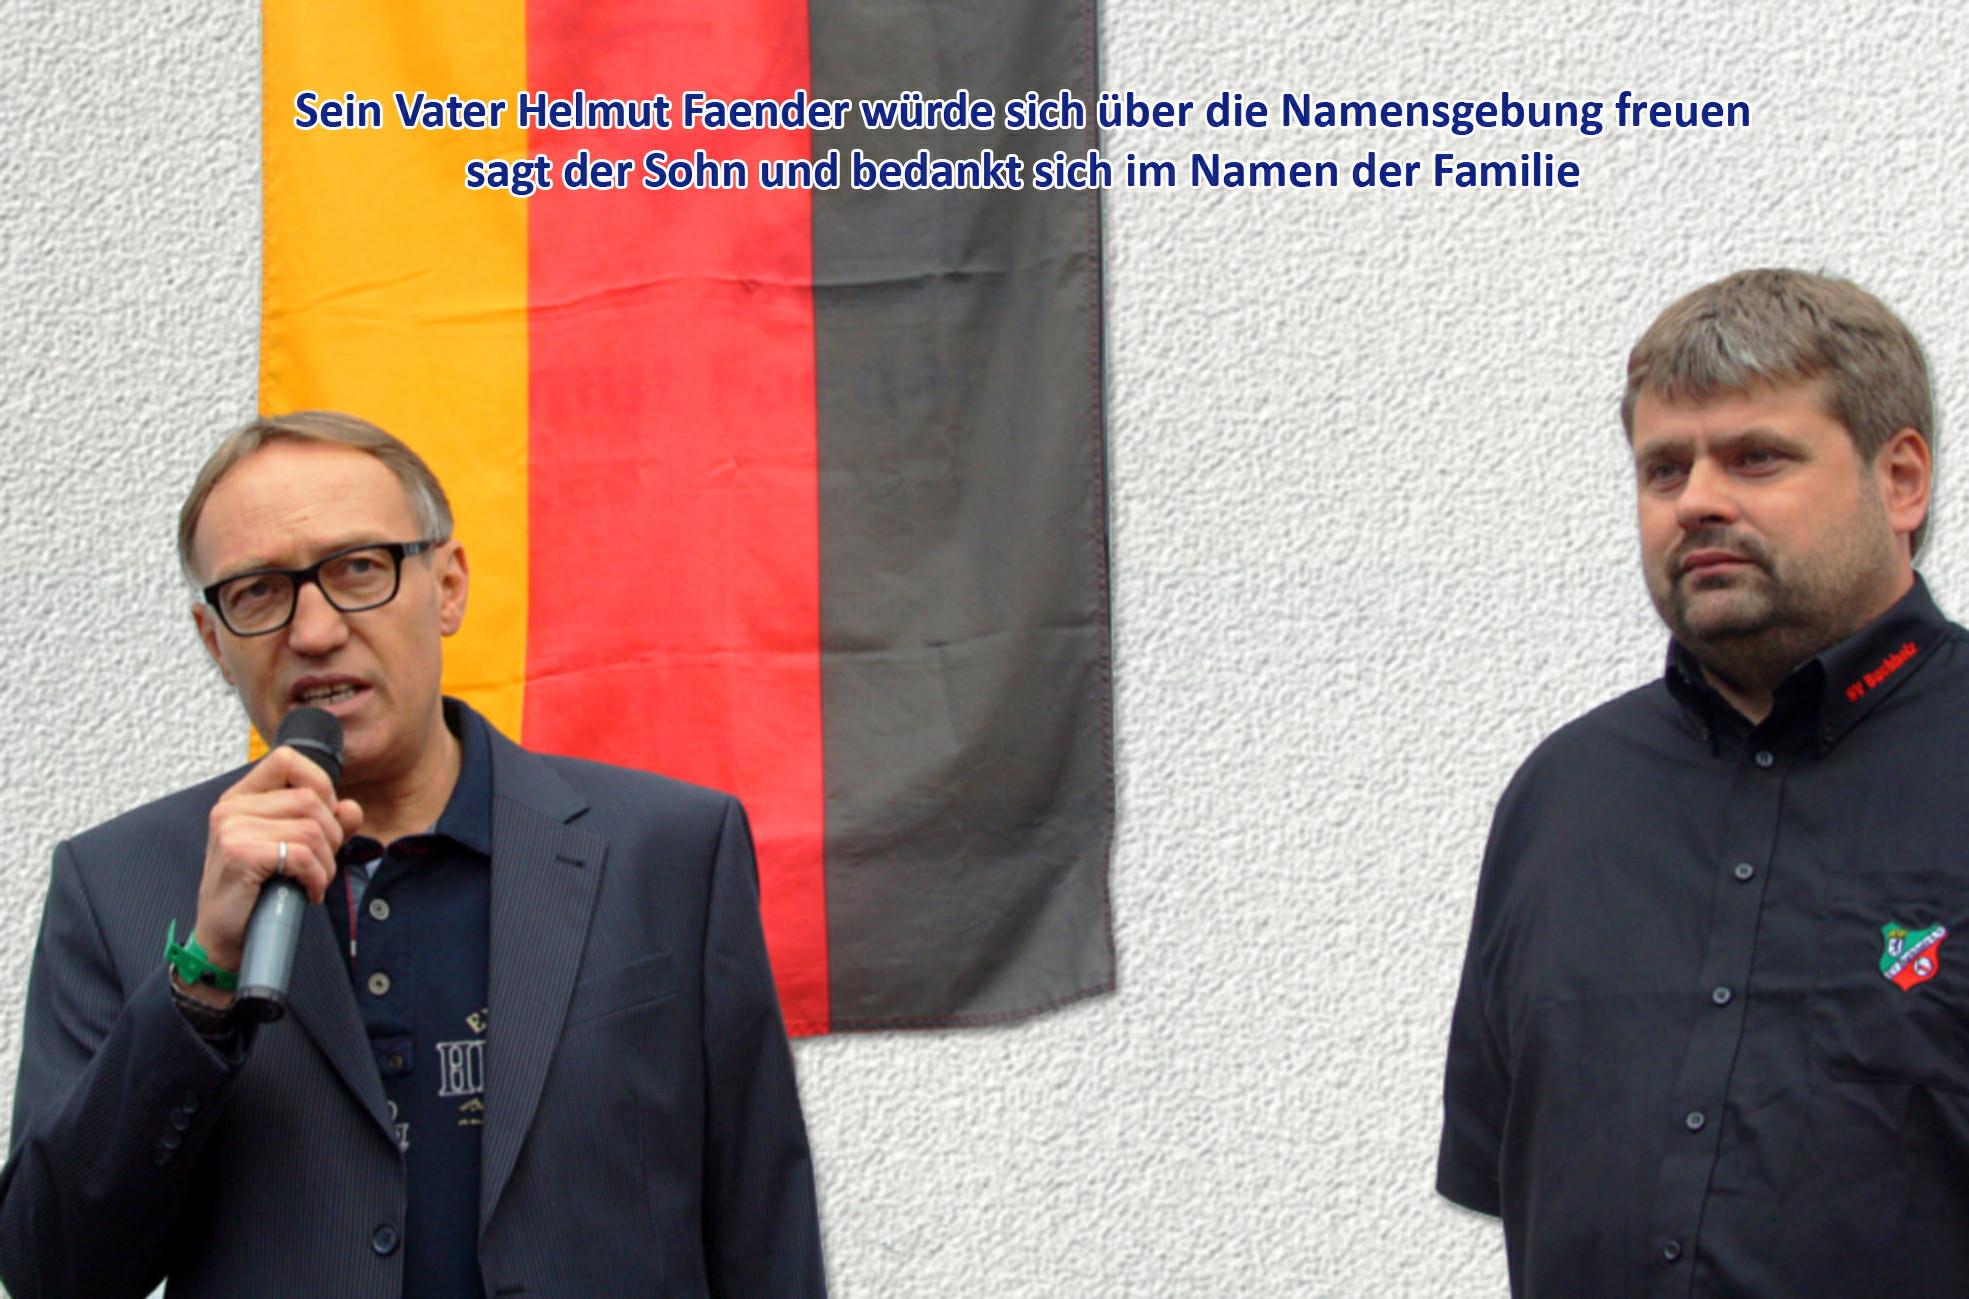 Sohn von Helmut Faender spricht